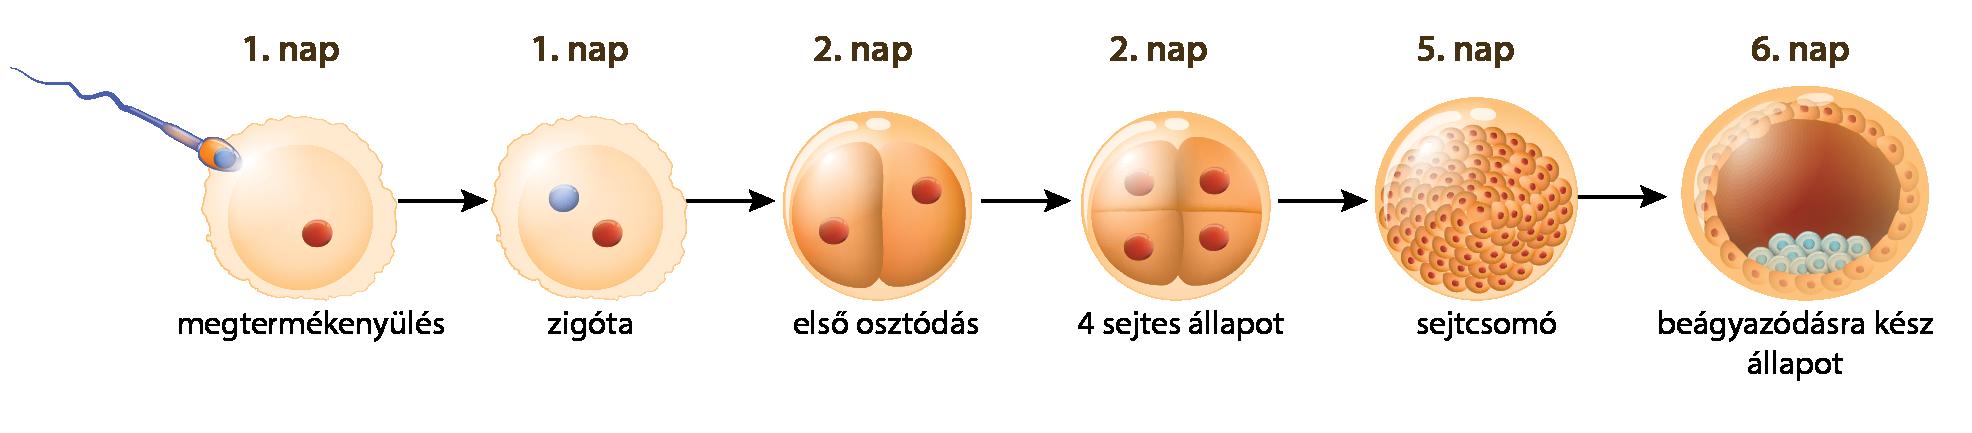 Méhen belüli fejlődés részei